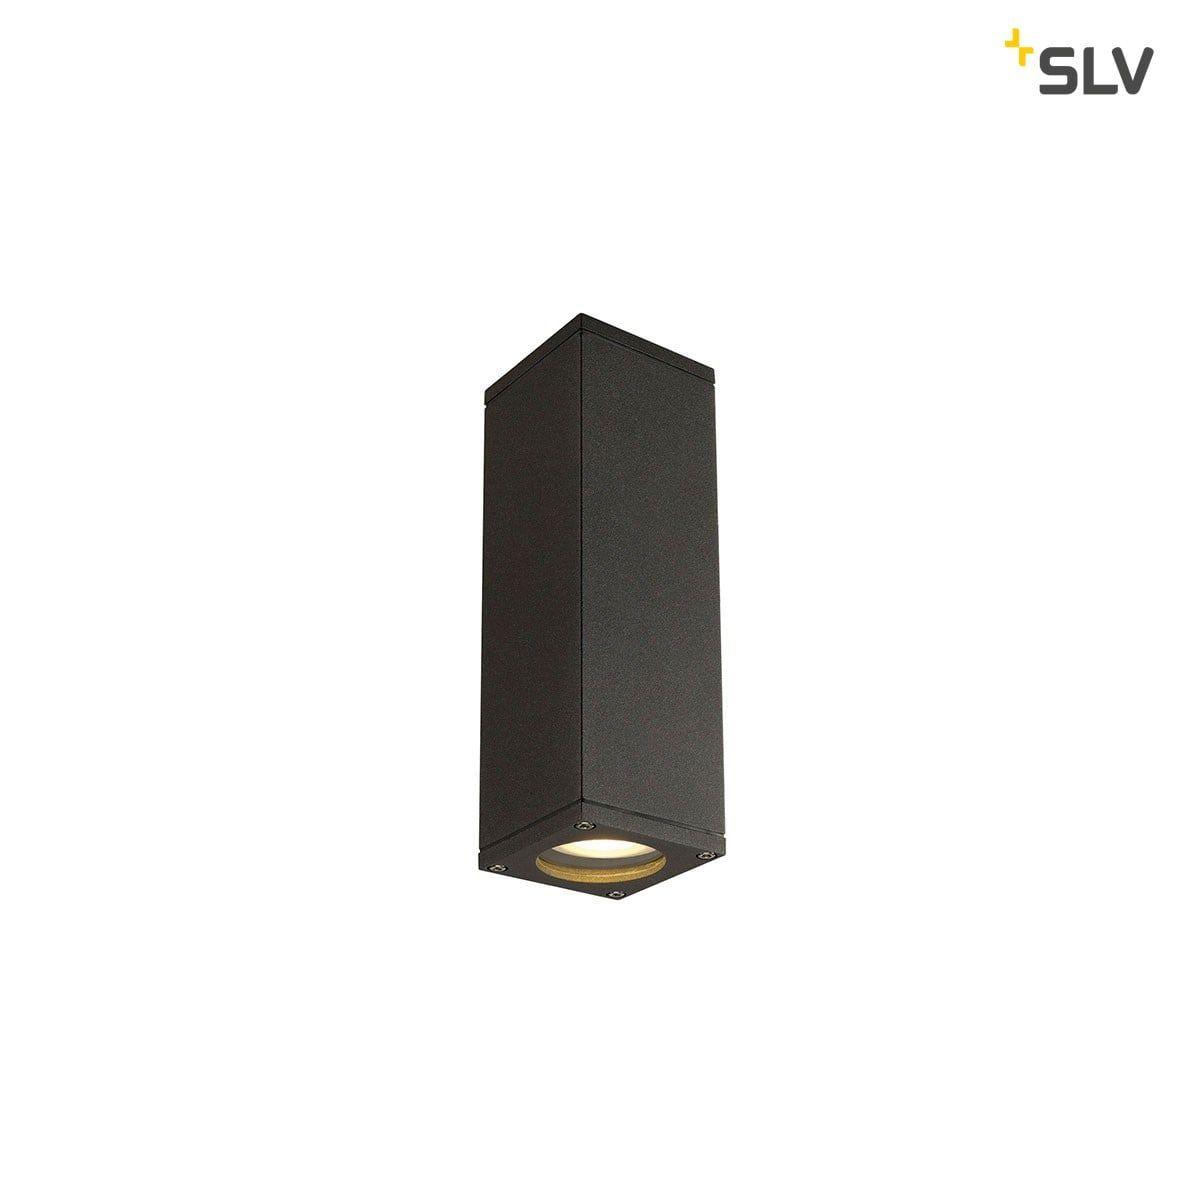 Lampe Fur Draussen Ohne Strom Aussenbeleuchtung Mit Bewegungsmelder Und Schalter Led Aussenlampe Batterie Lampen Fur Draussen Aussenwandleuchte Aussenleuchten